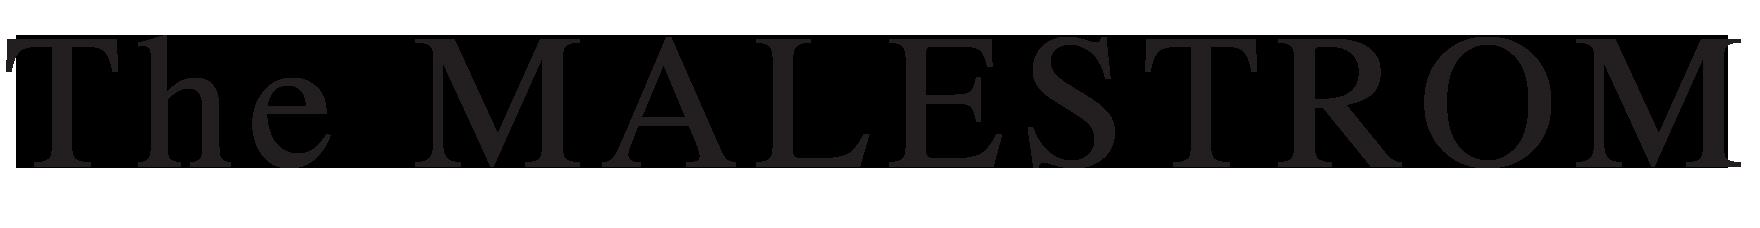 The MALESTROM logo